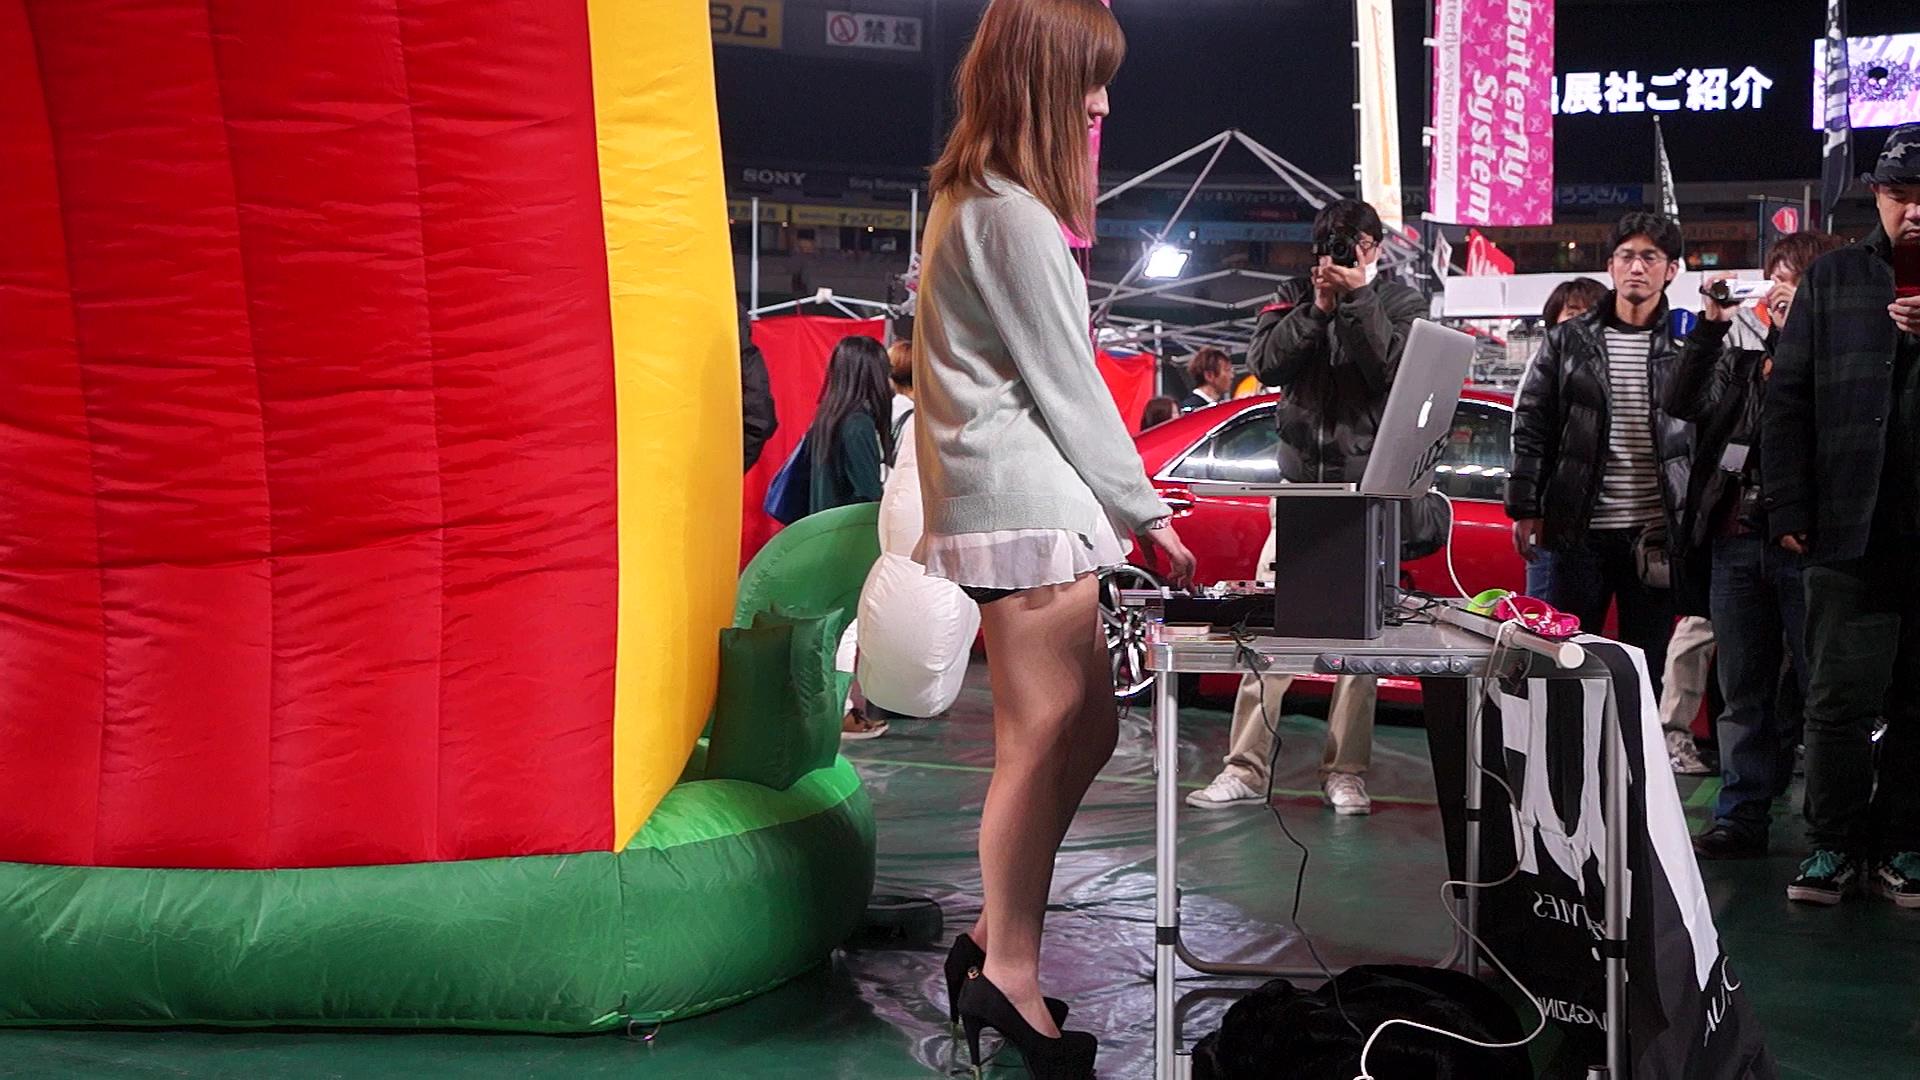 [コンパニオンシリーズ]DJのお姉さん